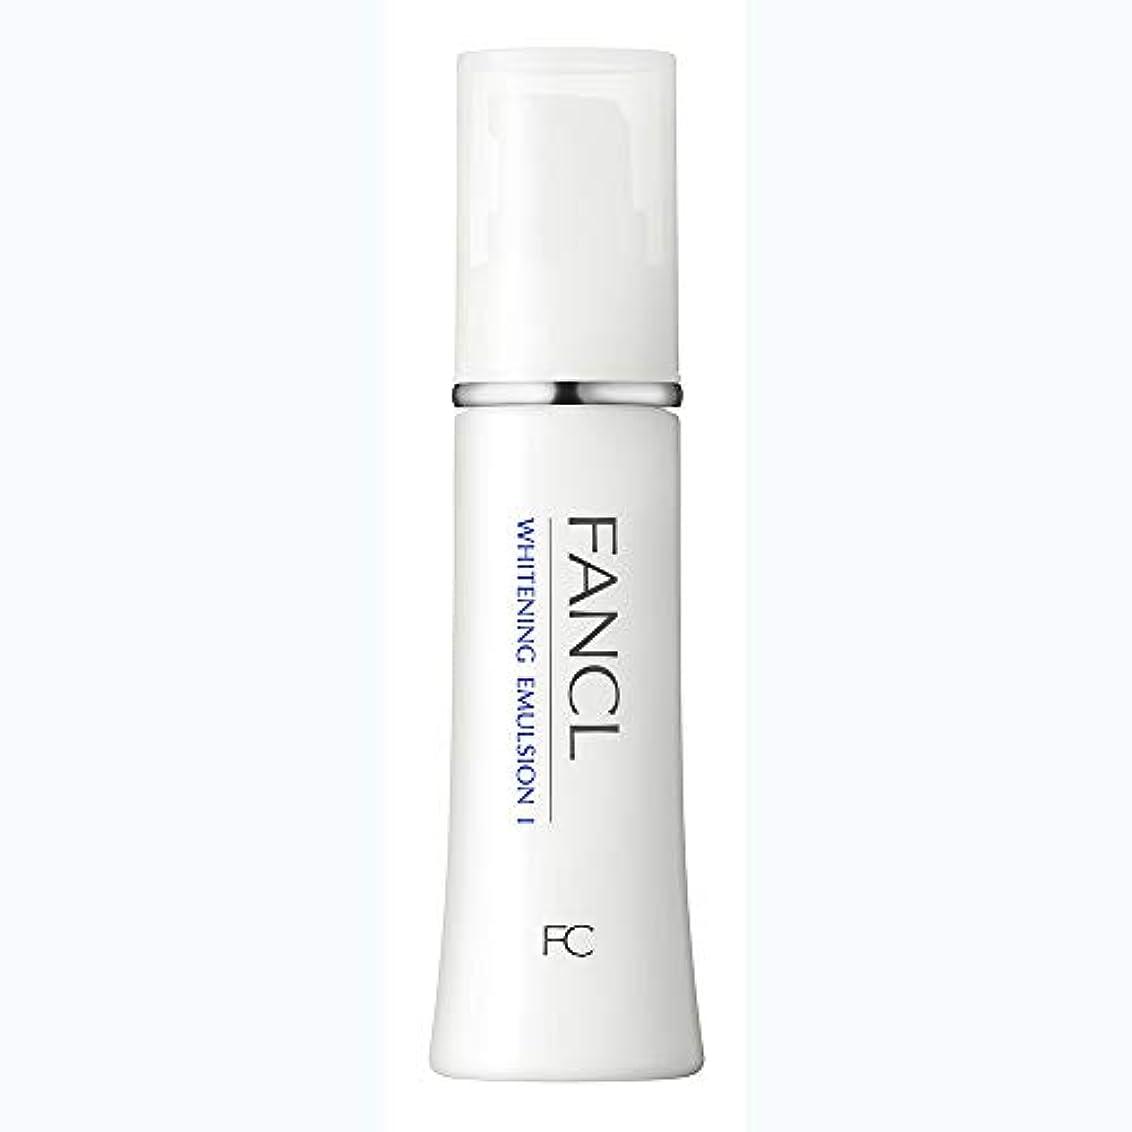 いたずらな遅いポジティブファンケル(FANCL) 新ホワイトニング 乳液 I さっぱり 1本 30mL<医薬部外品>